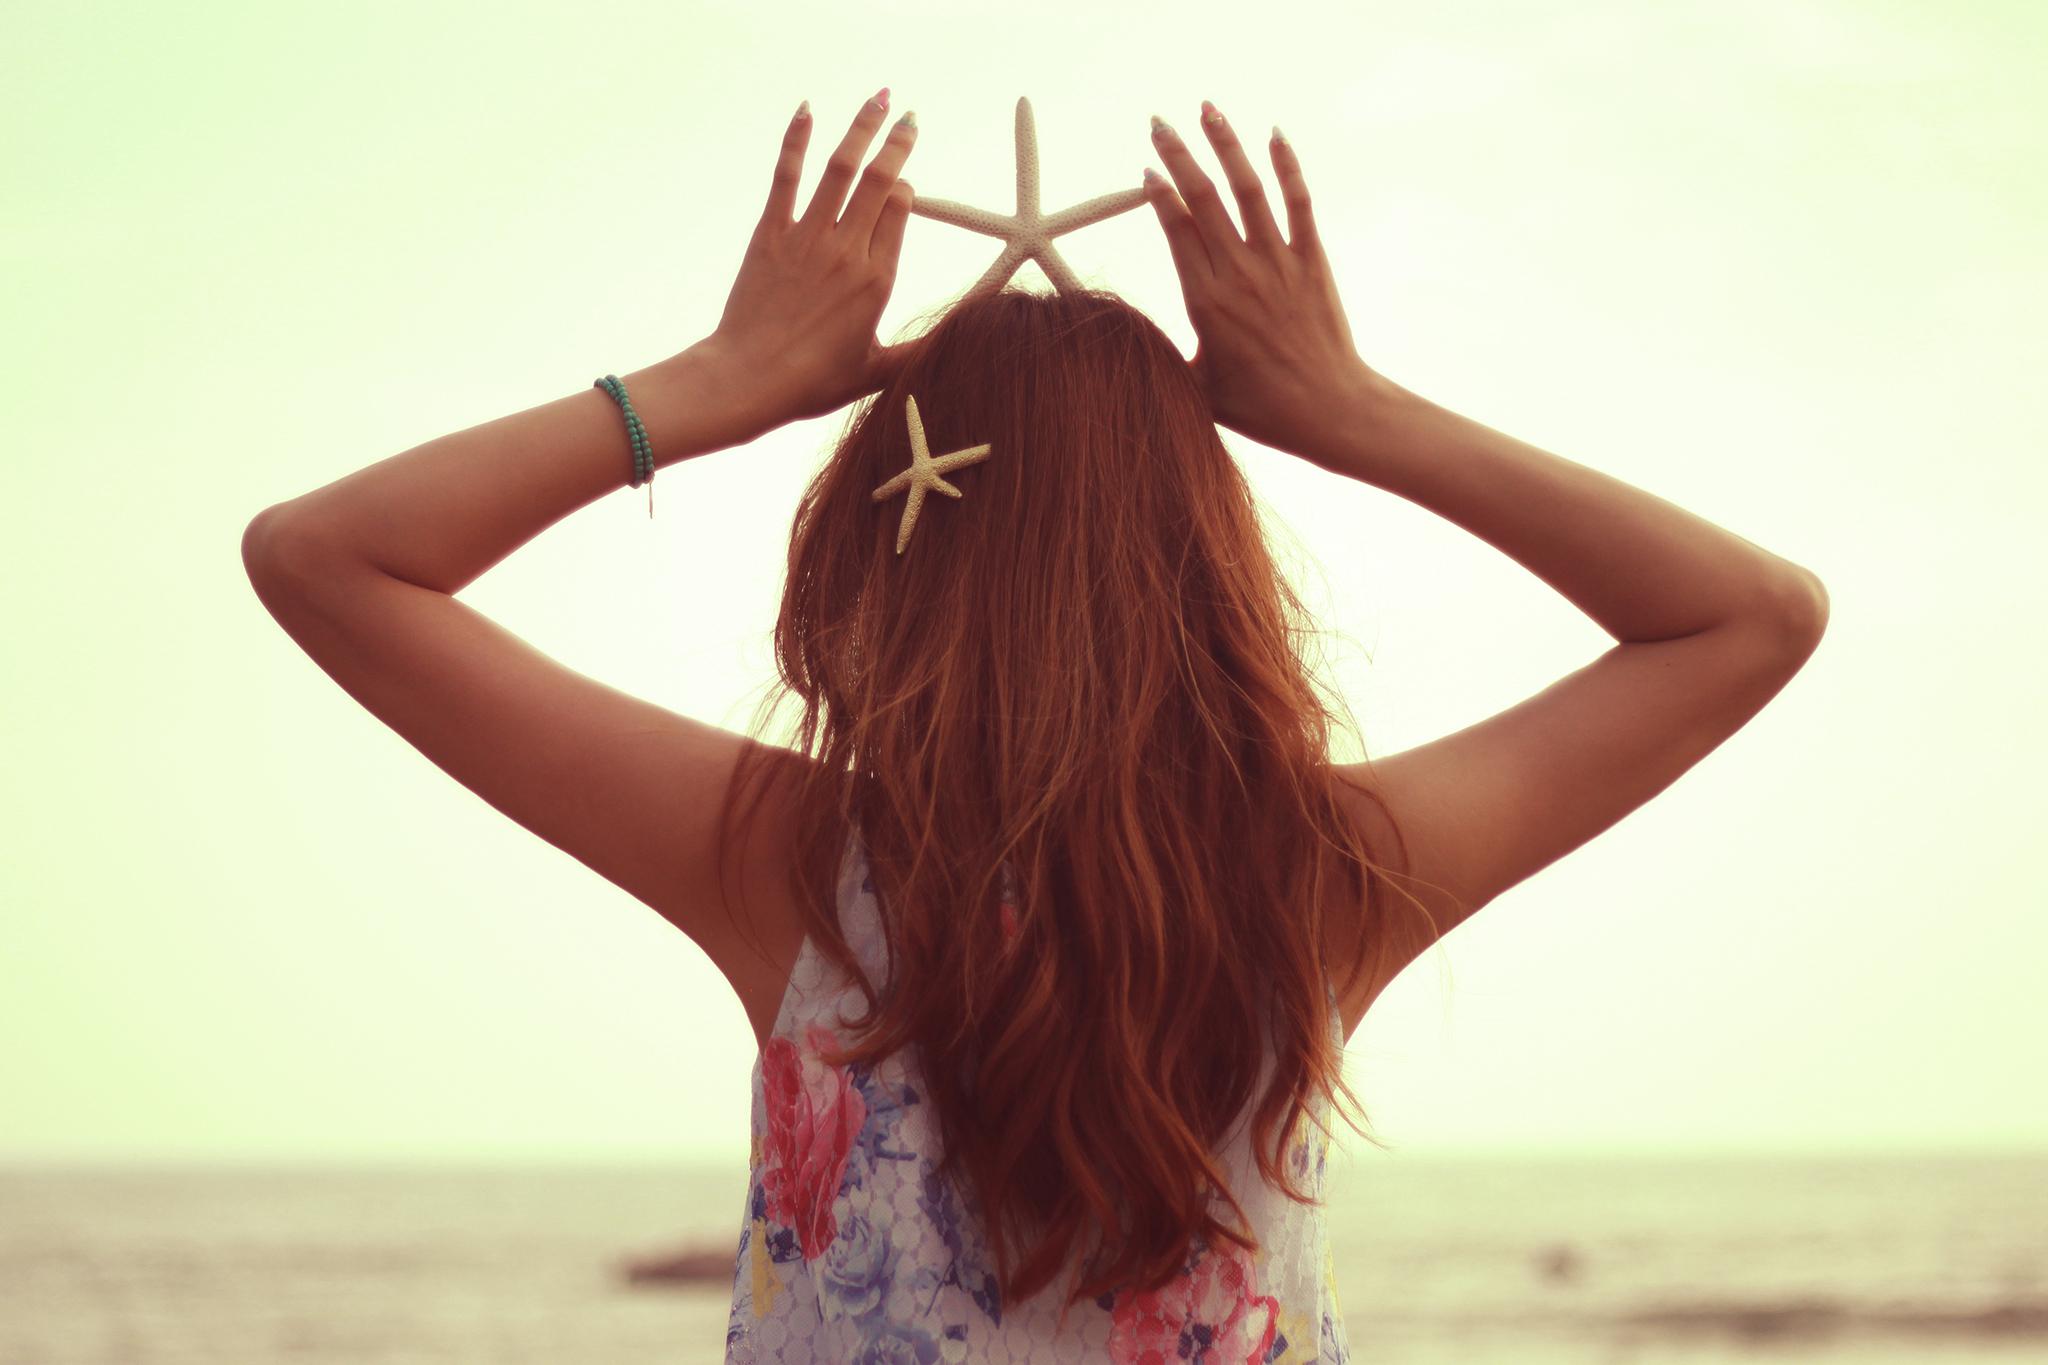 モテモテ体質になろう!愛され上手な女性の特徴7選